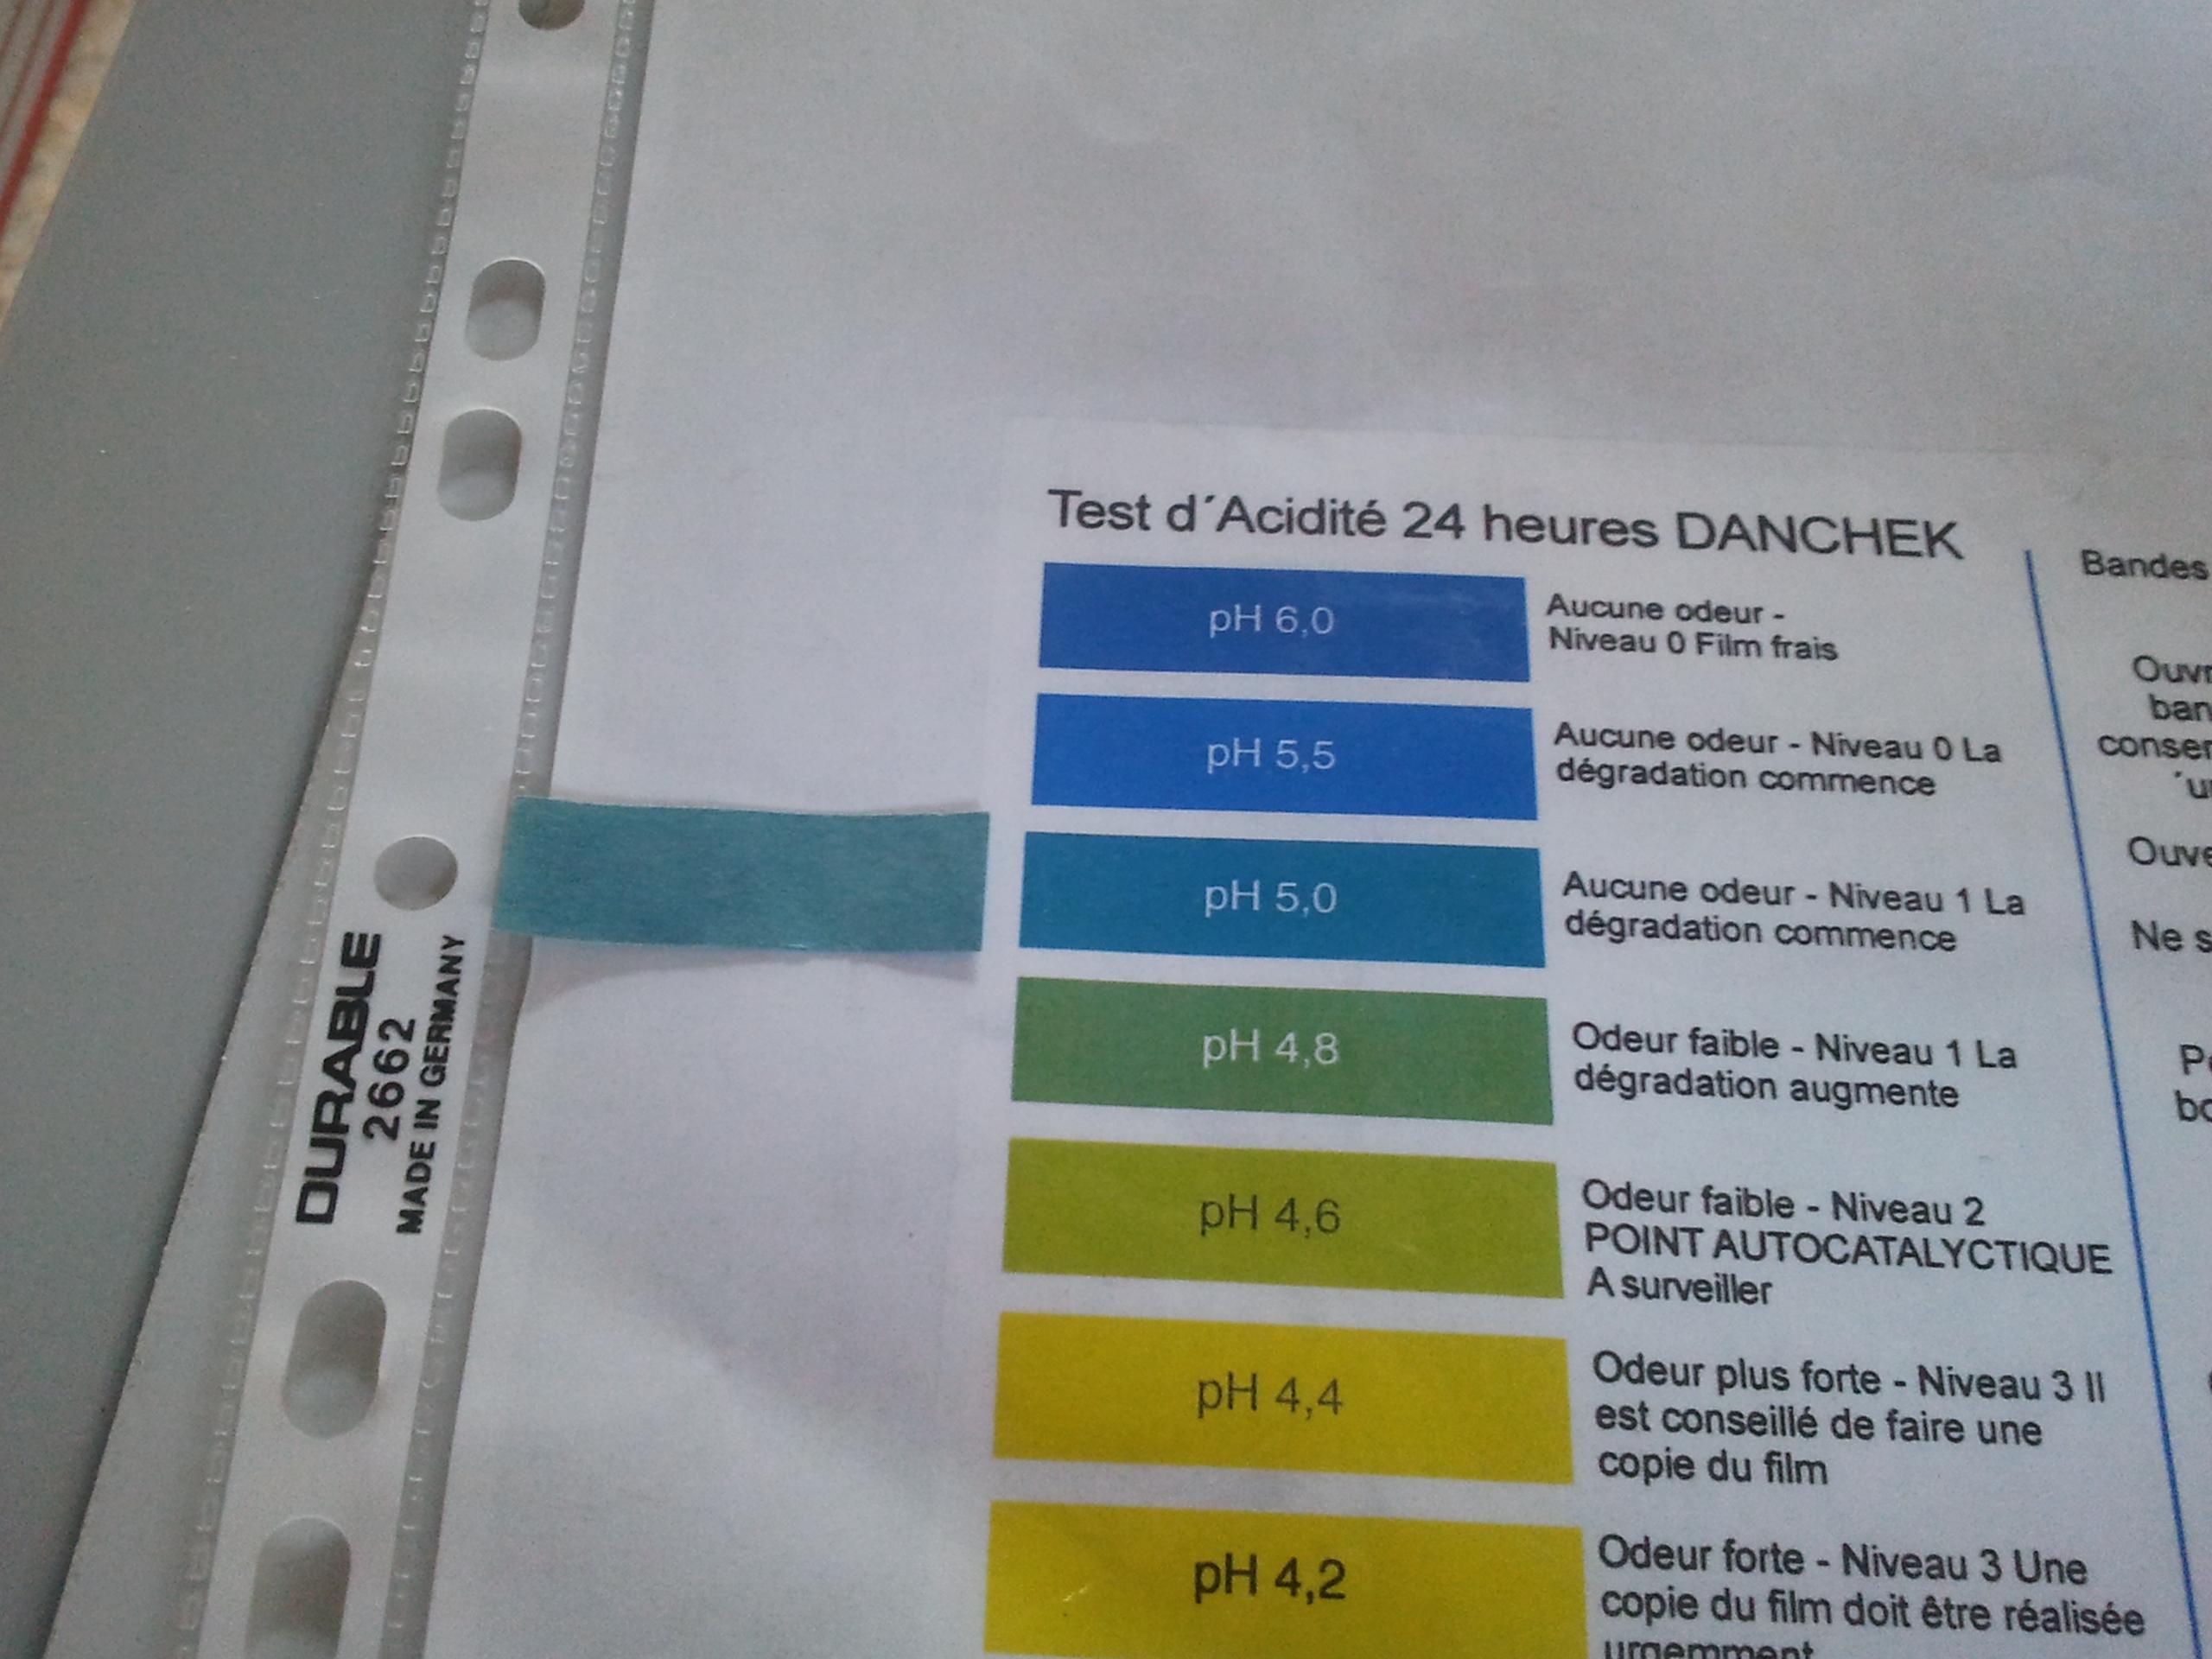 In 2015-2016 inventariseerden Het Firmament en PACKED vzw de audiovisuele archieven in de podiumkunstensector. Een aantal van deze archieven bevatten filmmateriaal. Omdat we vermoedden dat een deel van dat materiaal is aangetast door het azijnsyndroom en in staat van ontbinding verkeert, controleerden Het Firmament en PACKED vzw met behulp van AD-strips de verzuringsgraad ervan. Ongeveer 72,6% van het gecontroleerde materiaal heeft een pH-waarde van 5 of lager, en is dus duidelijk aangetast. Dit betekent dat het materiaal zich in een bepaalde staat van ontbinding verkeert. Gelukkig heeft de verzuring bij slechts 1,2% van het materiaal reeds het autokatalytisch punt bereikt (pH-waarde: 4,6), en is het materiaal nog in een staat die digitalisering toelaat. Waakzaamheid en aangepaste bewaaromstandigheden zijn aanbevolen omdat de aantasting nog kan verergeren.